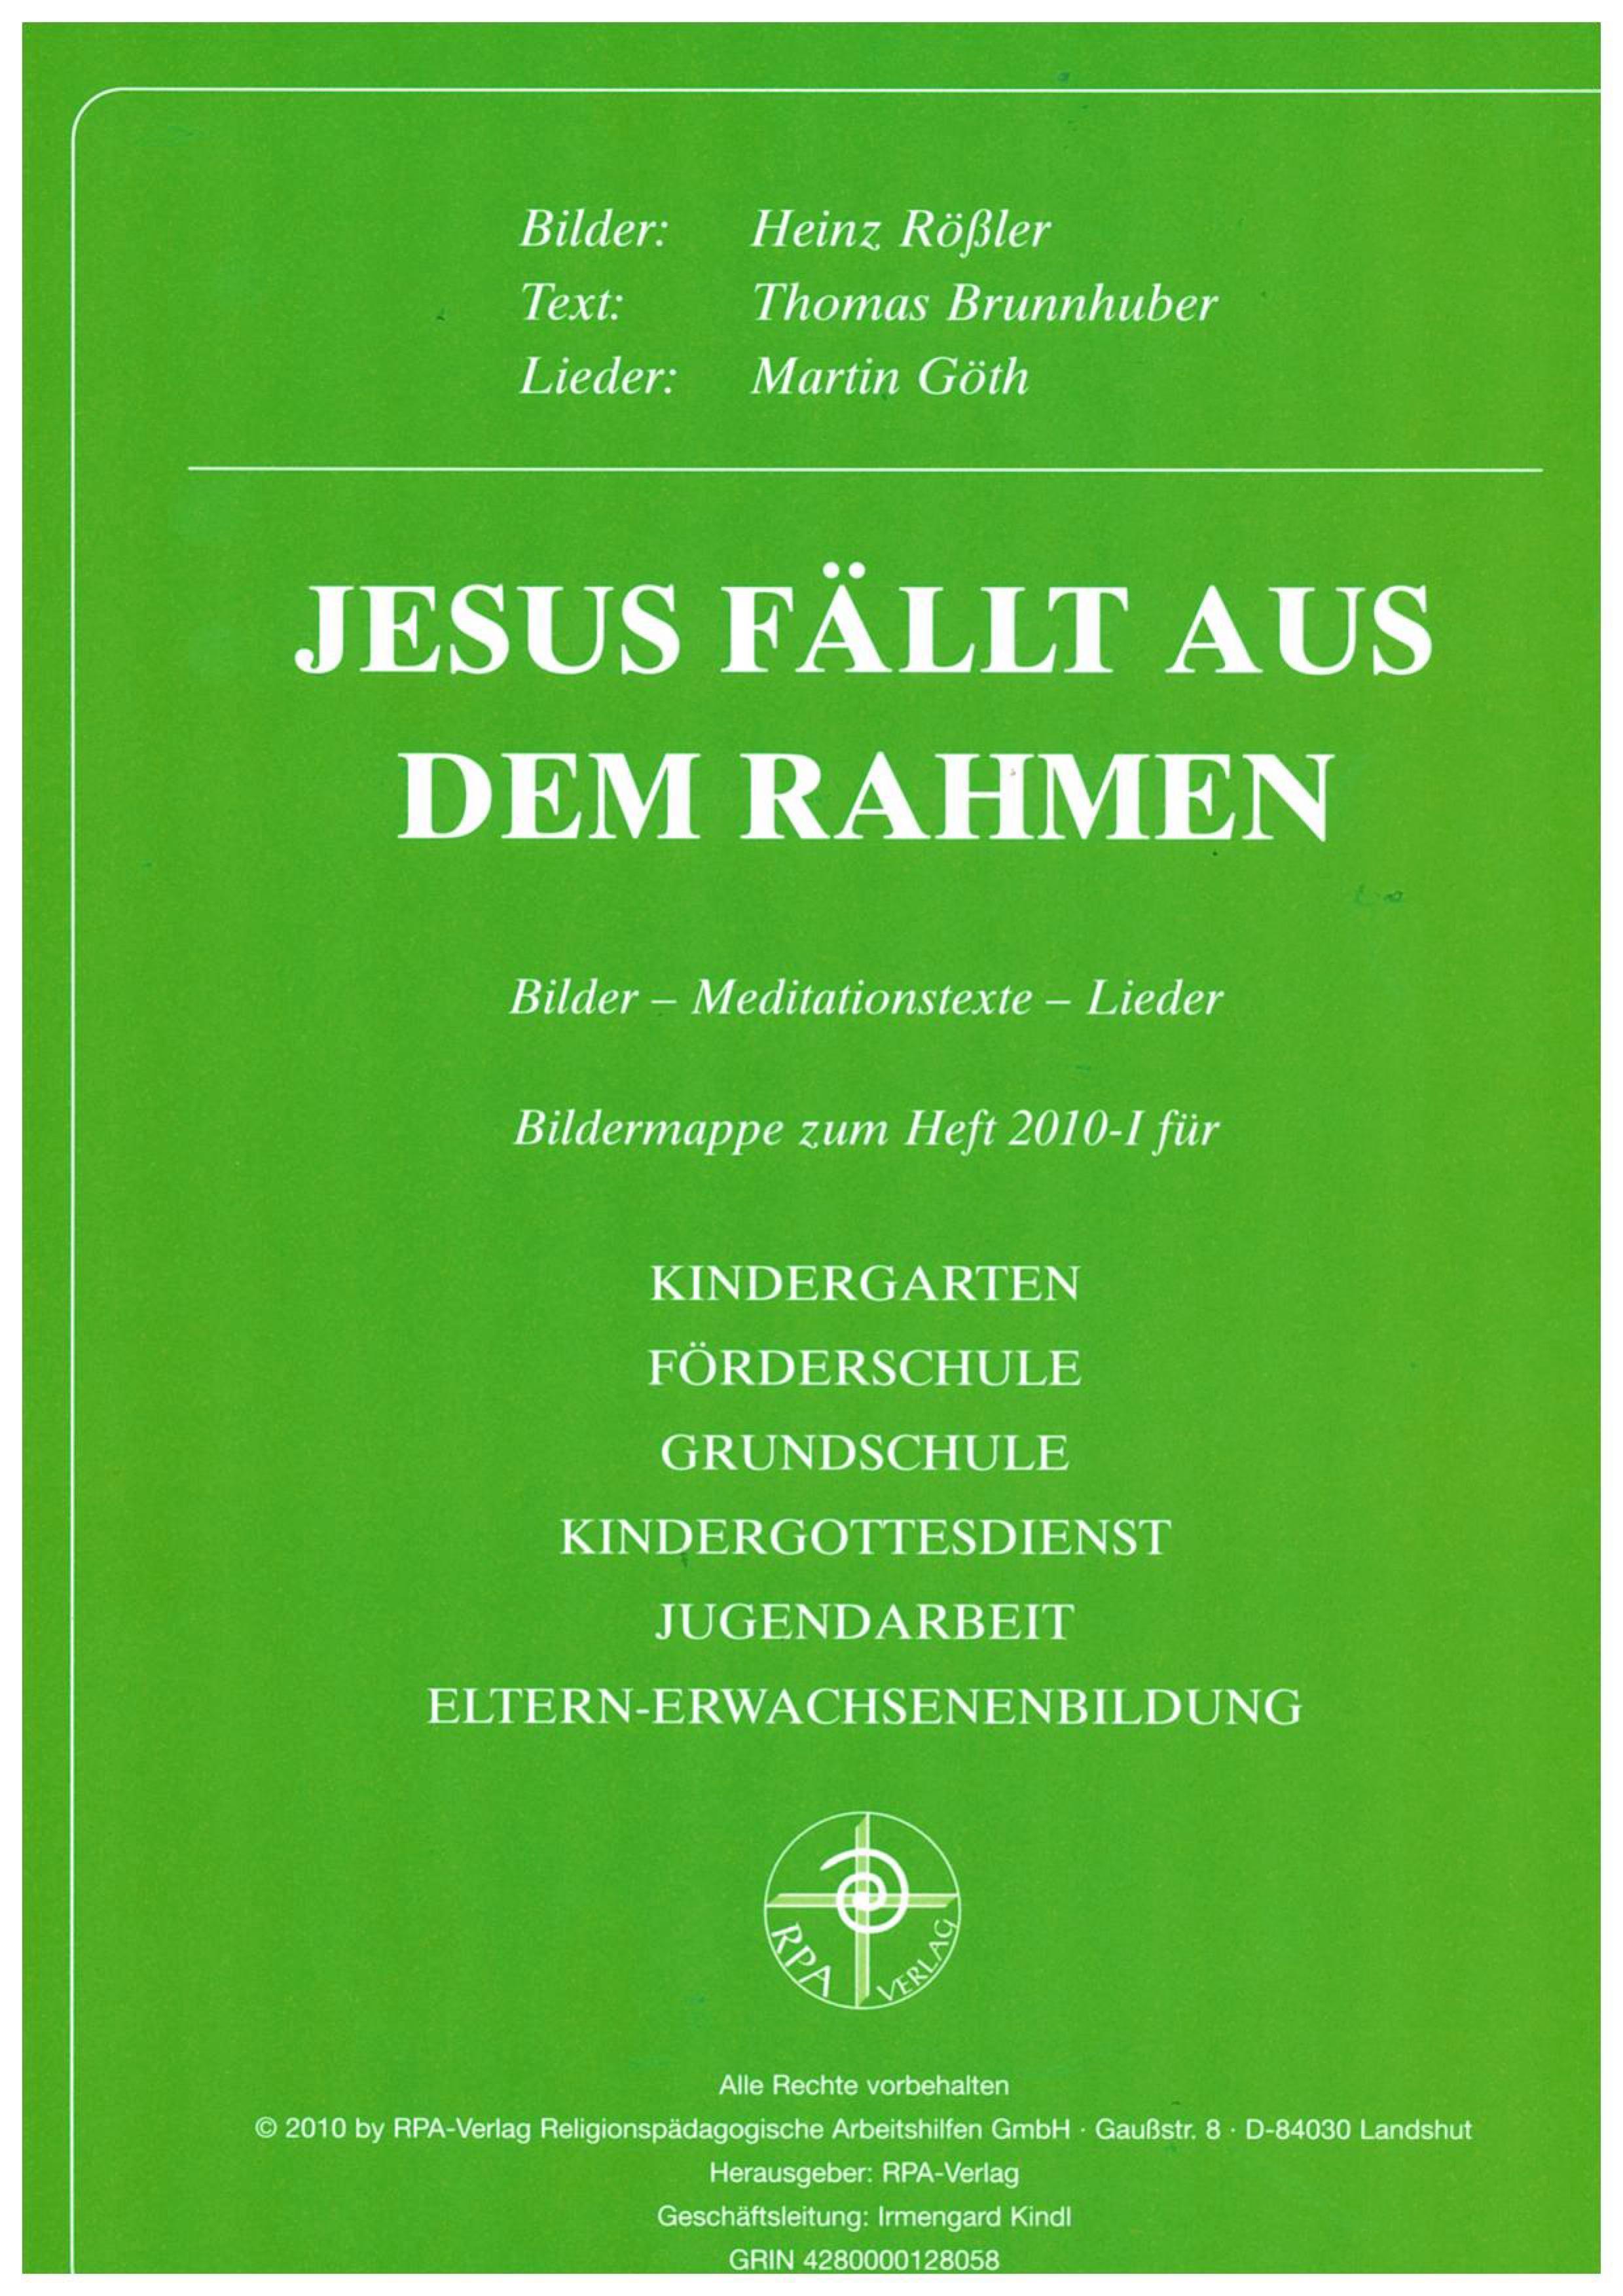 Jesus fällt aus dem Rahmen von Brunnhuber, Thomas, Rössler, Heinz: B